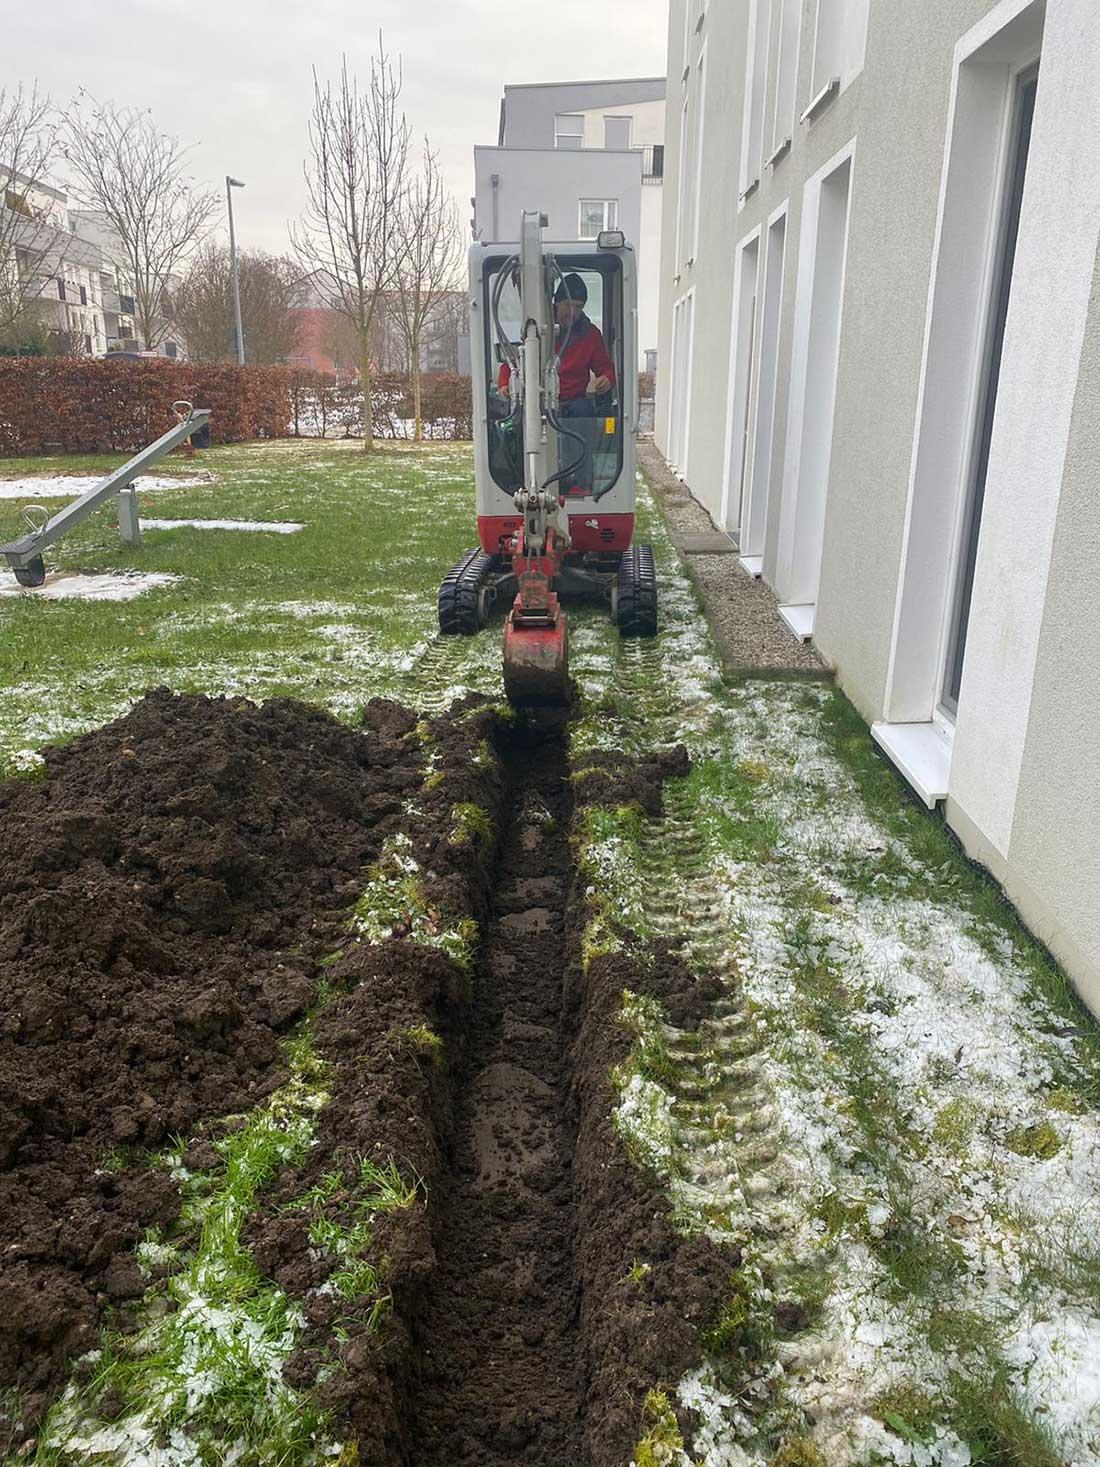 MD Erdbau bei Kanalarbeiten, Leitungsbau an einem HAus